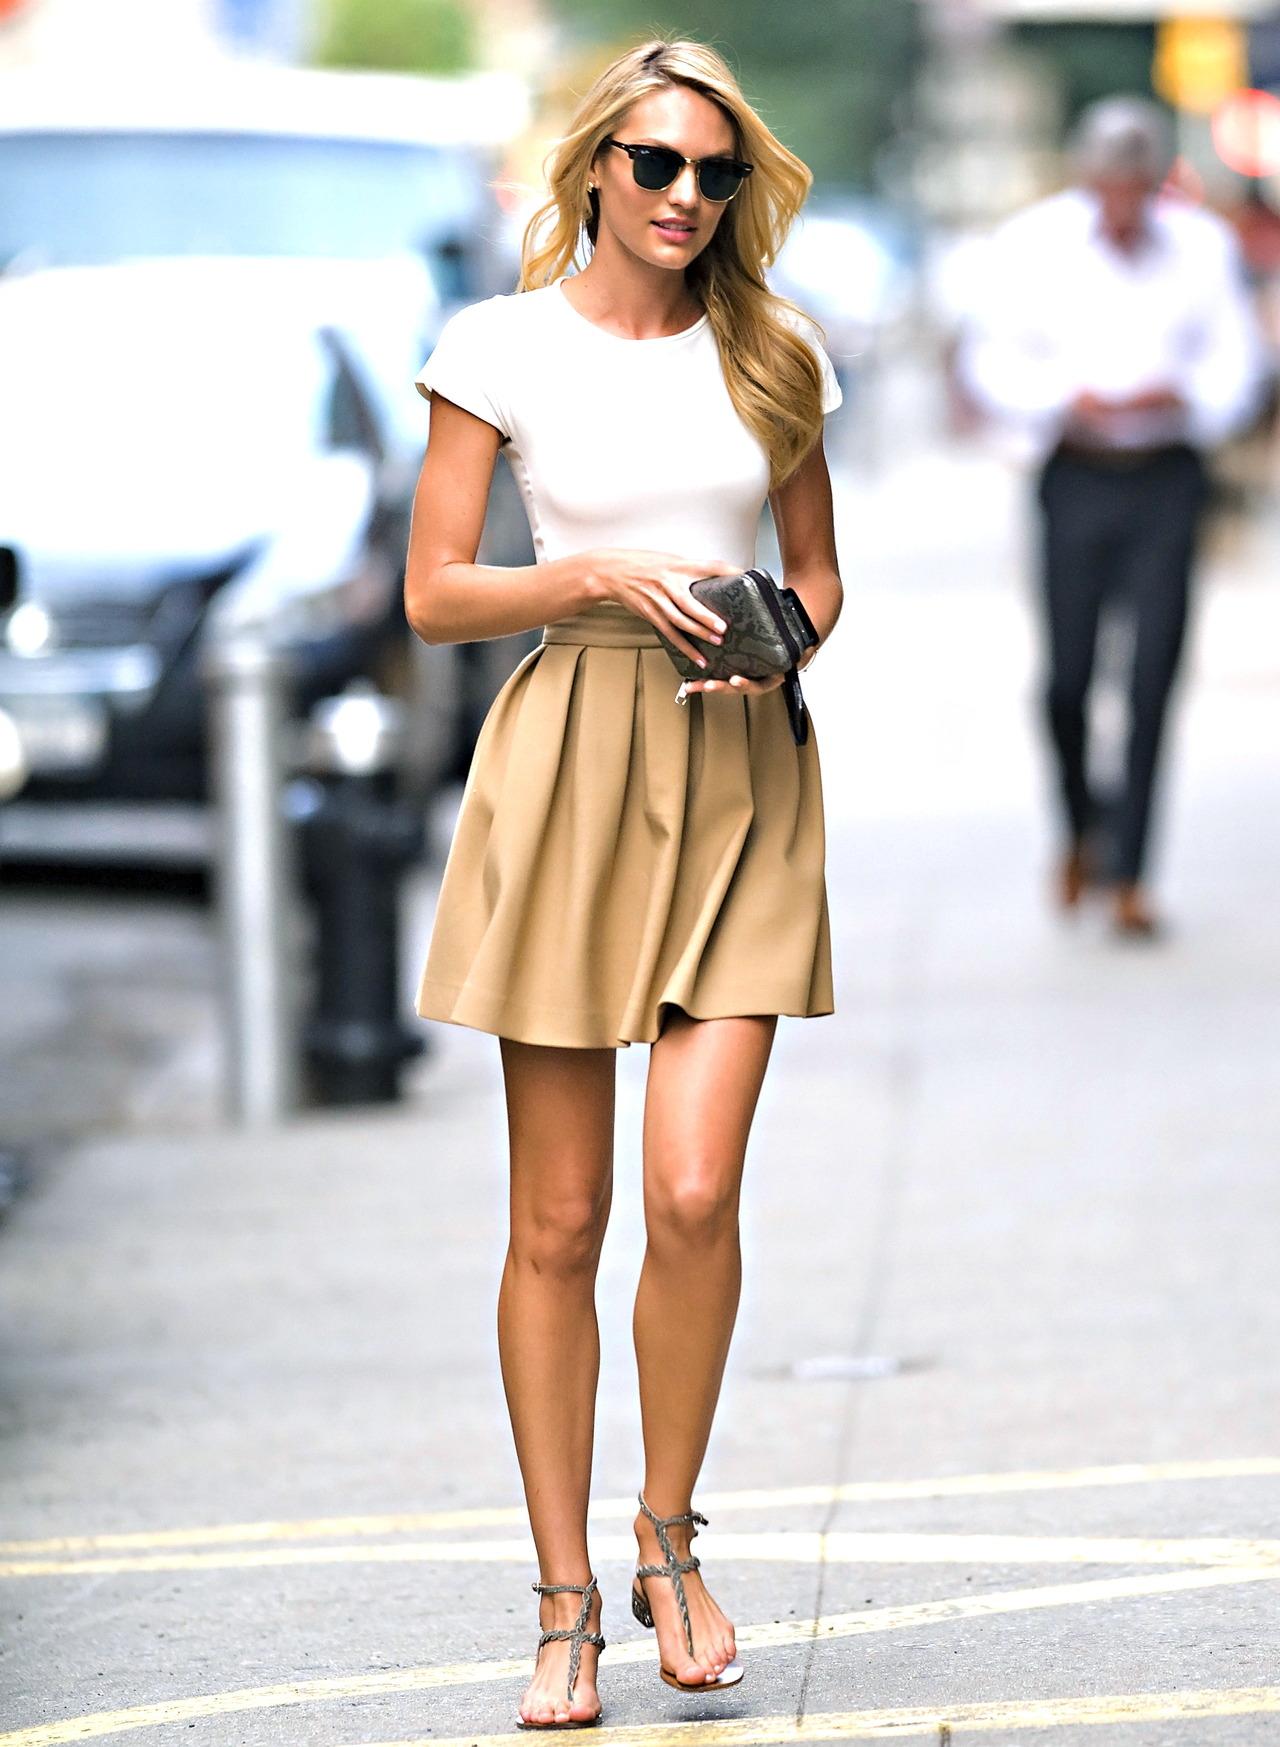 Модная в 2016 году юбка солнце - фото новинки и тренды сезона